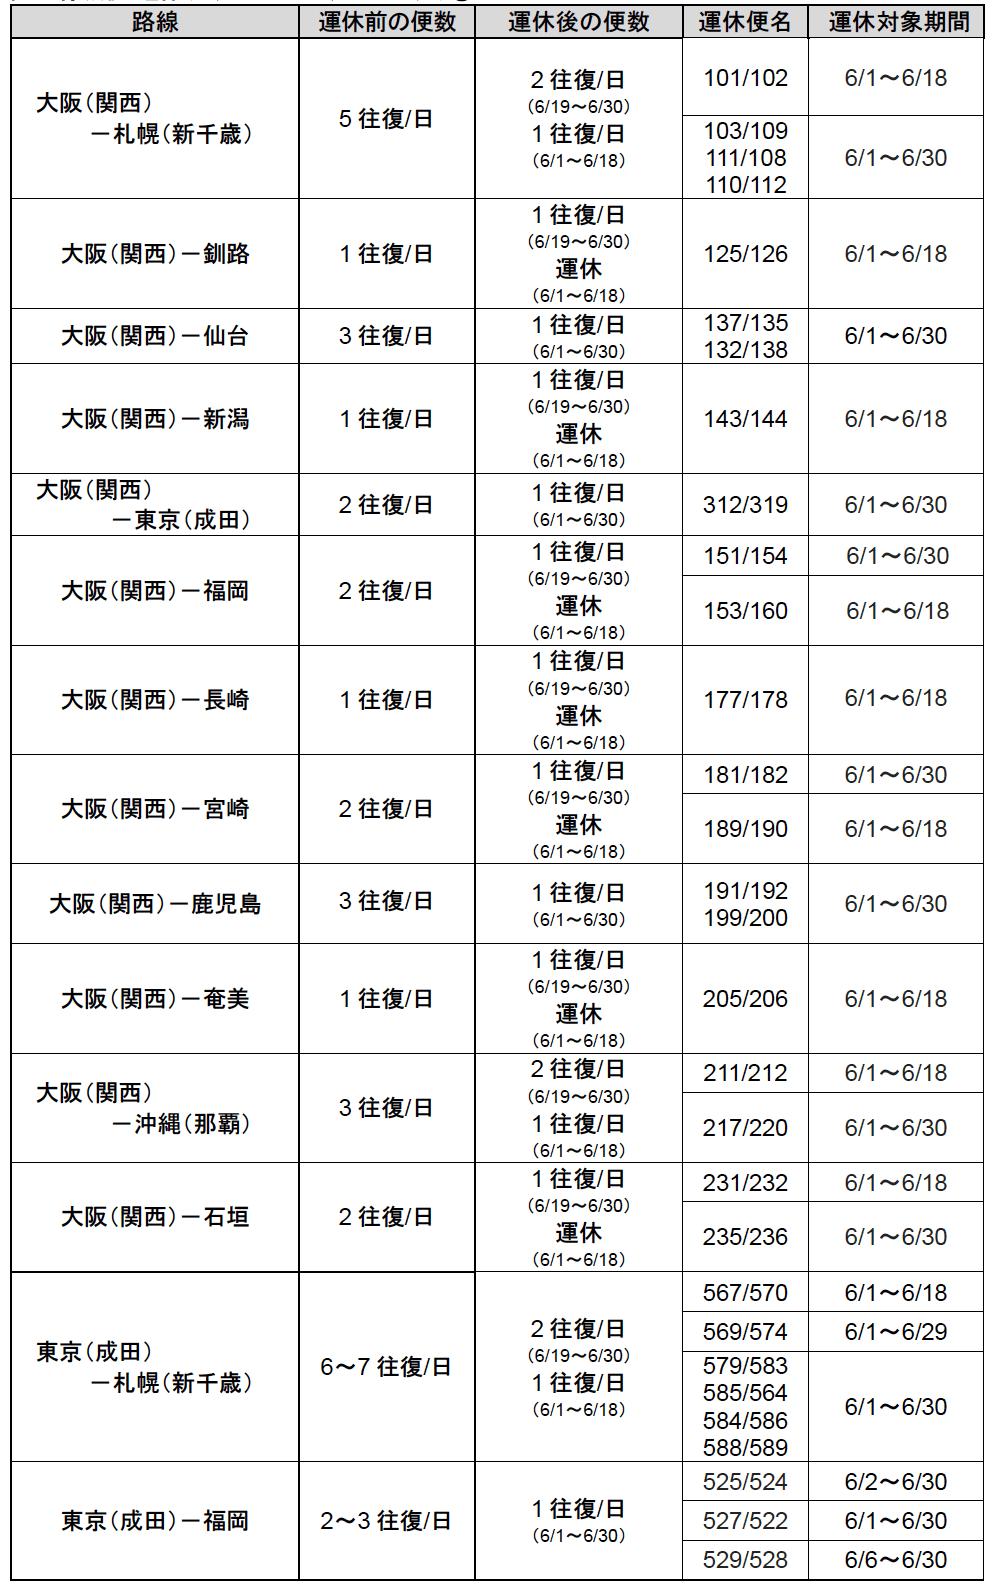 スクリーンショット 2020 05 23 14.10.20